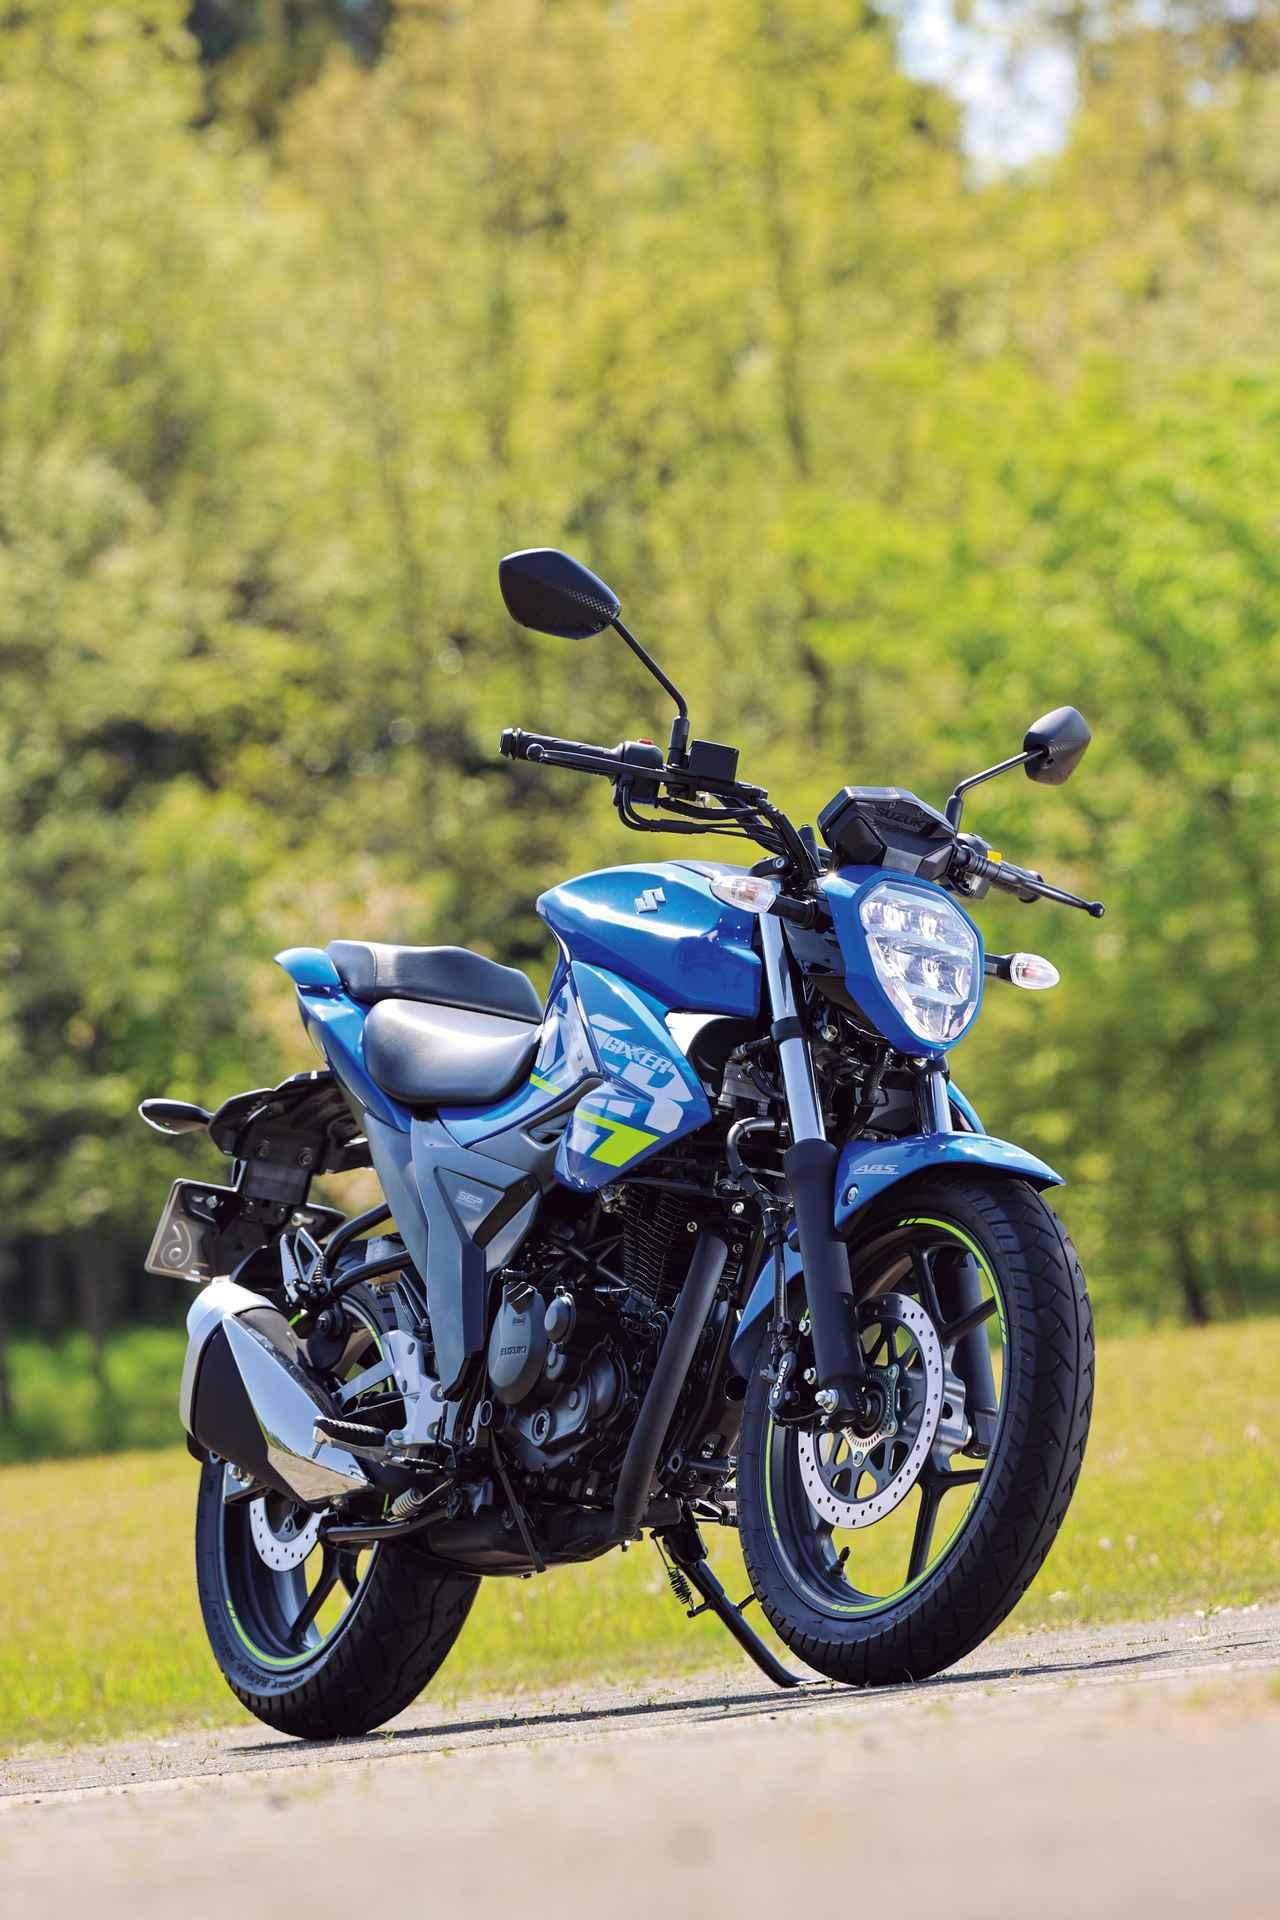 画像1: スズキ「ジクサー150」インプレ(2021年)軽快なフットワークでスポーツバイクの醍醐味を楽しめる!